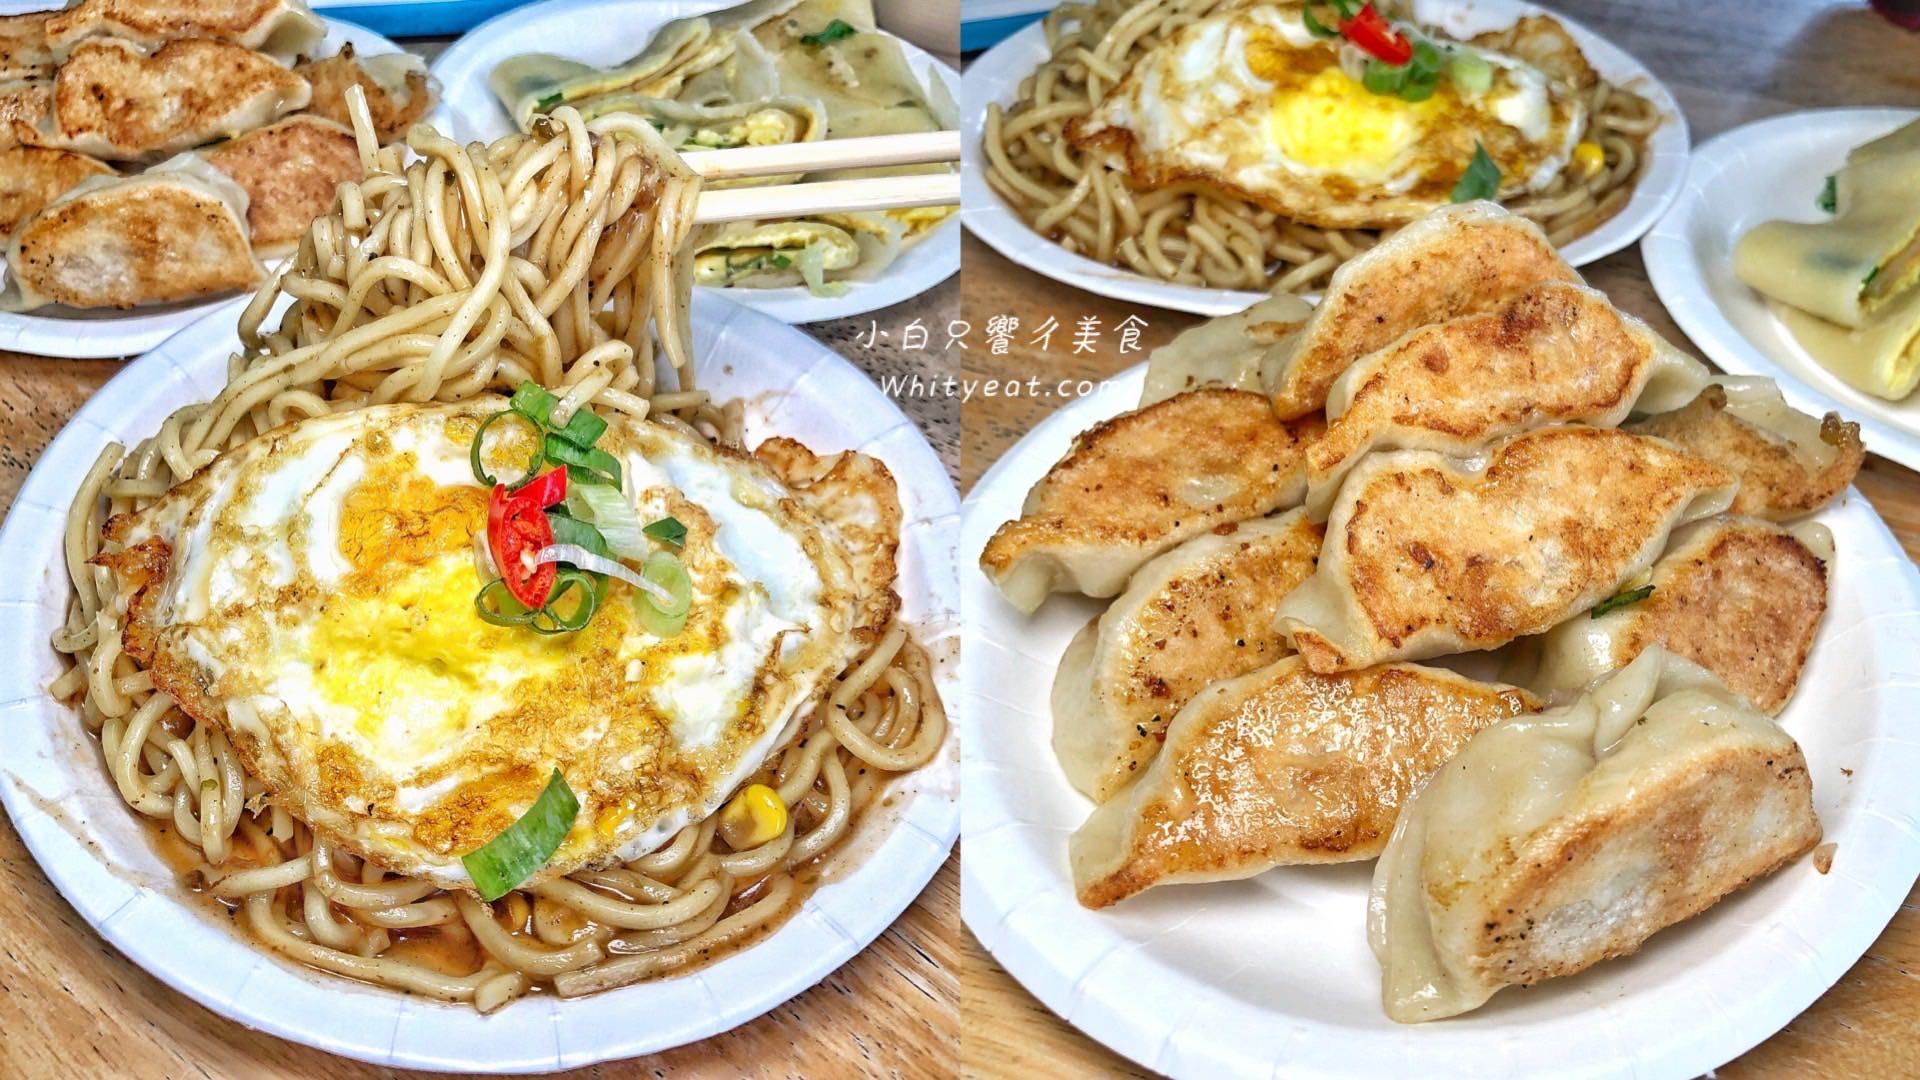 【台南美食】成大學生最愛的早餐店「海鷗早餐」超過百種中西式餐點便宜好吃 炒麵/蛋餅/煎餃招牌必點